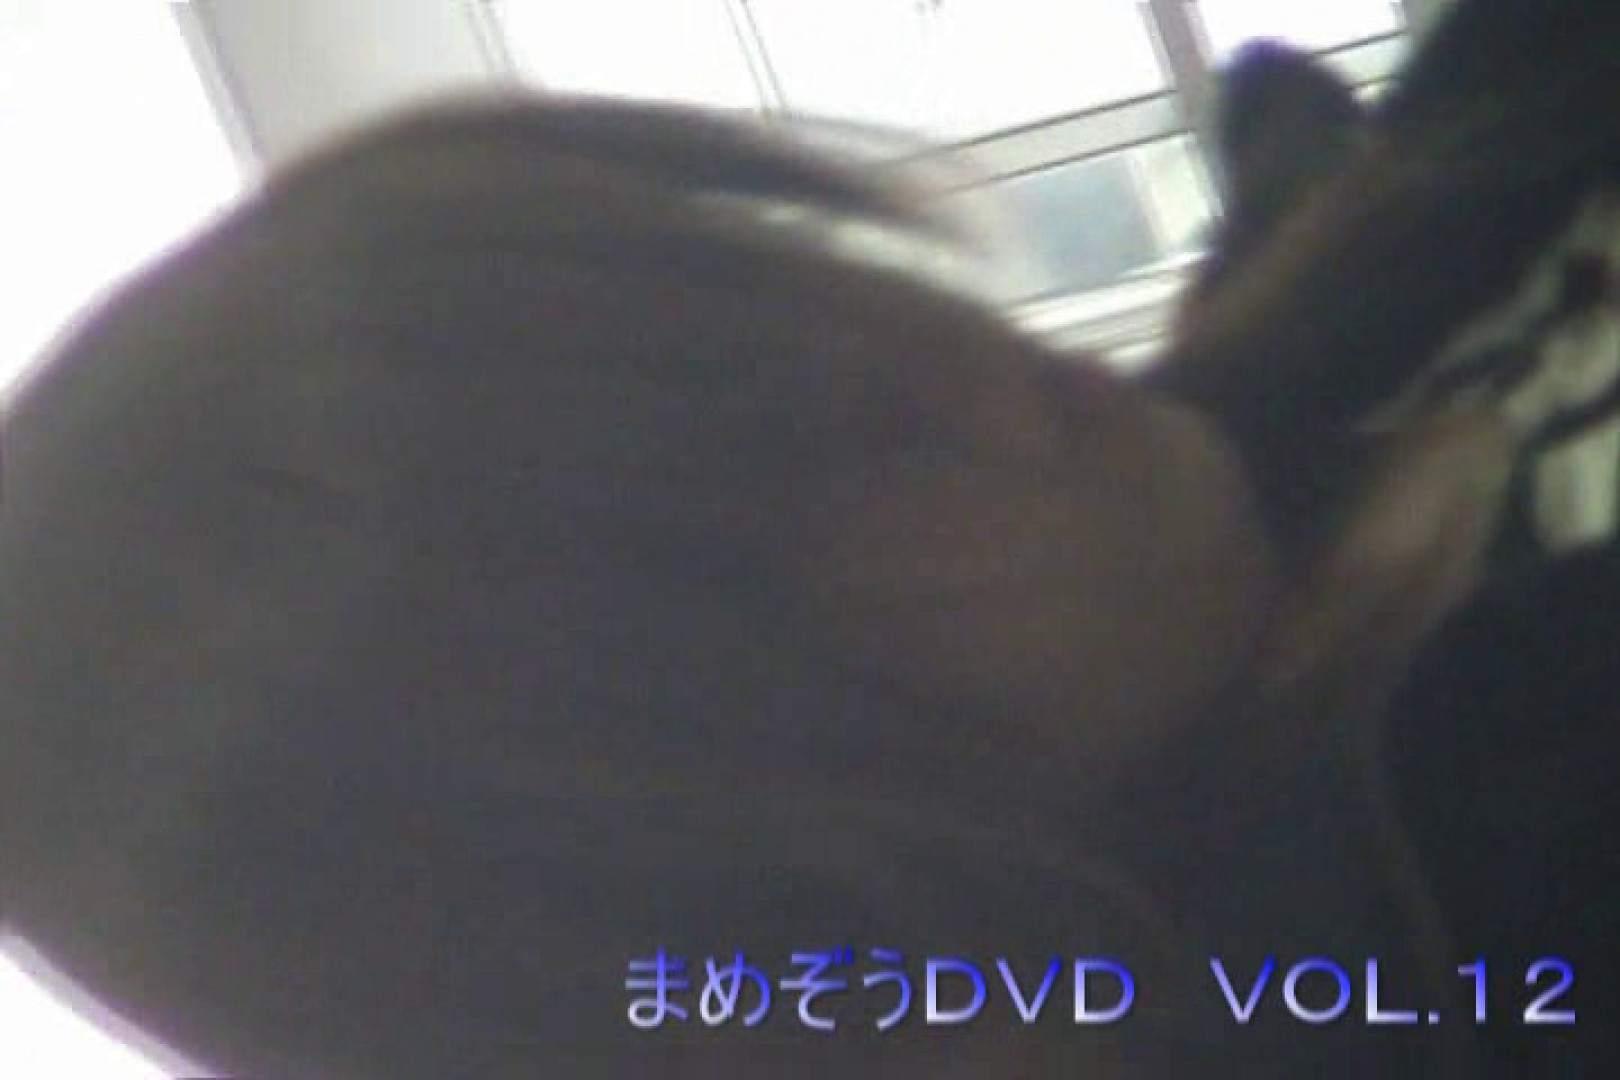 まめぞうDVD完全版VOL.12 ギャルズ  83画像 82